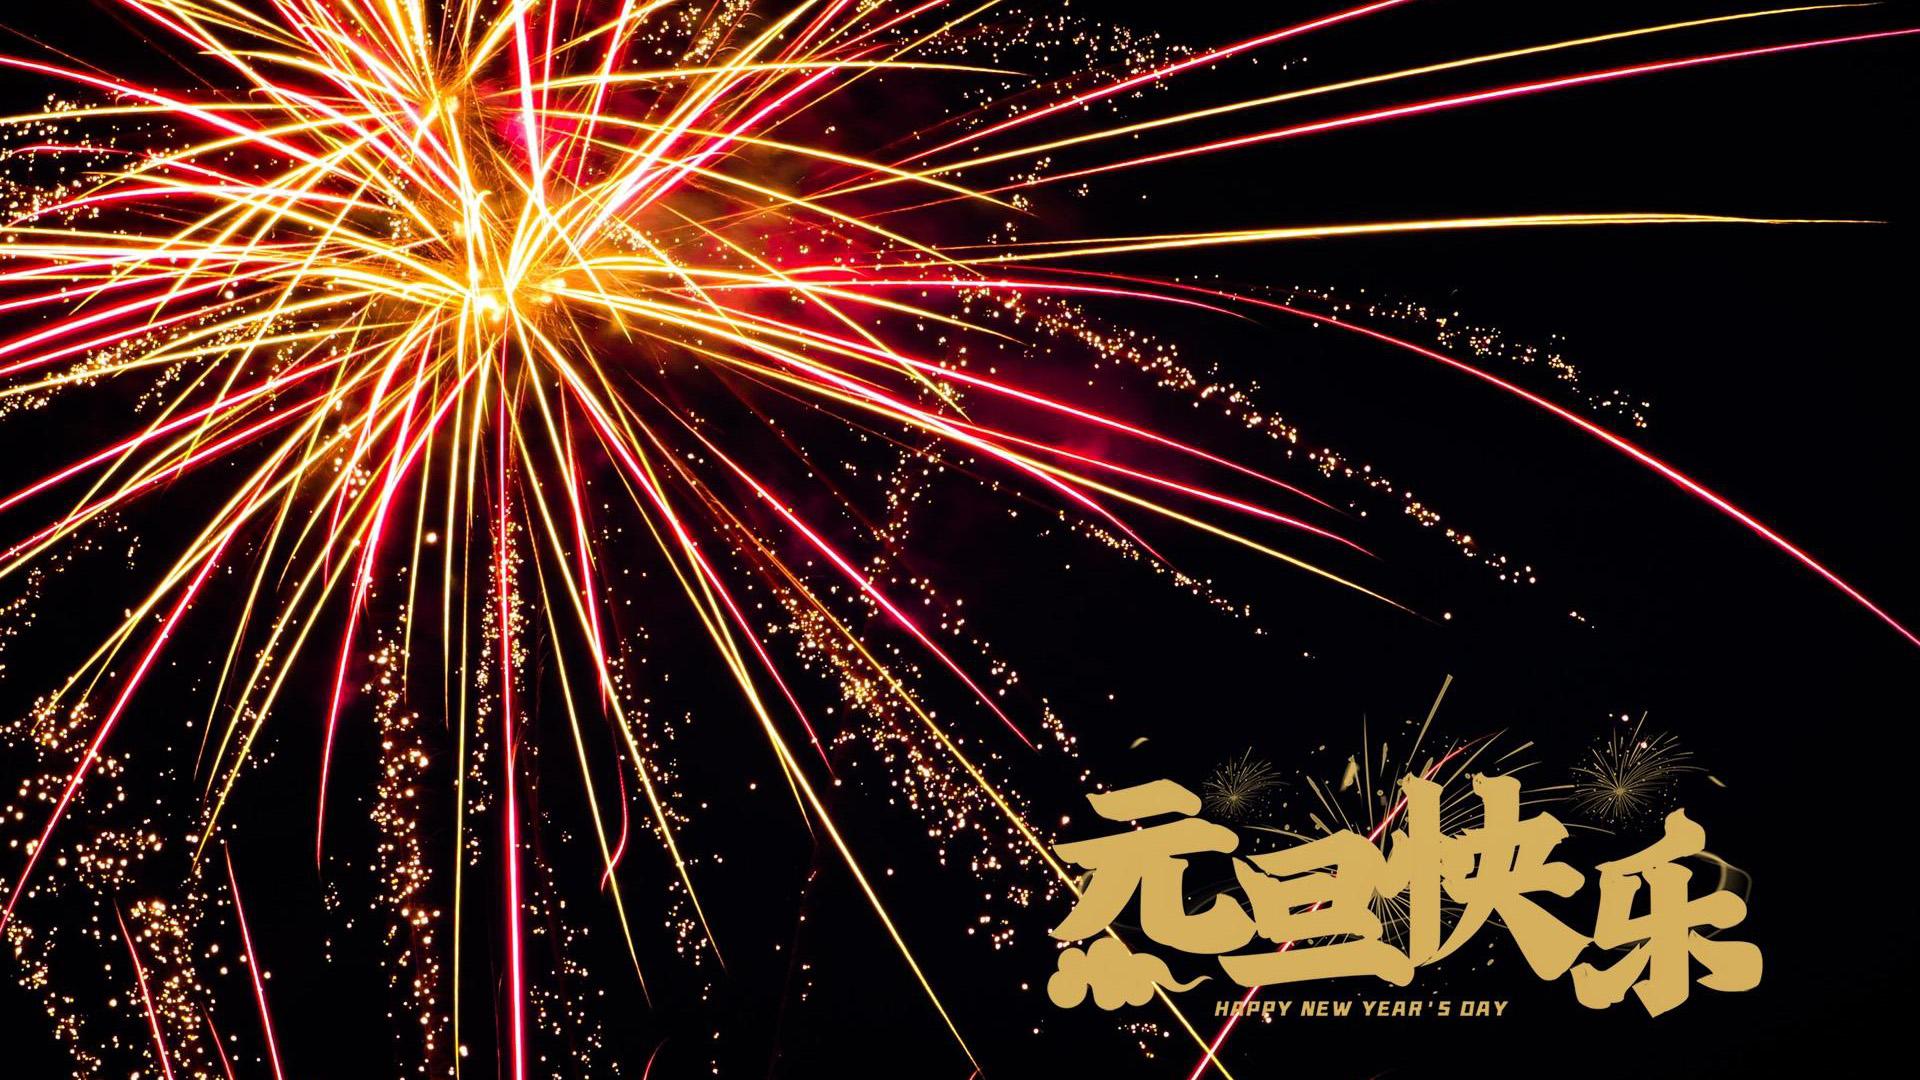 节日美图,元旦,新年,烟火,烟花,快乐